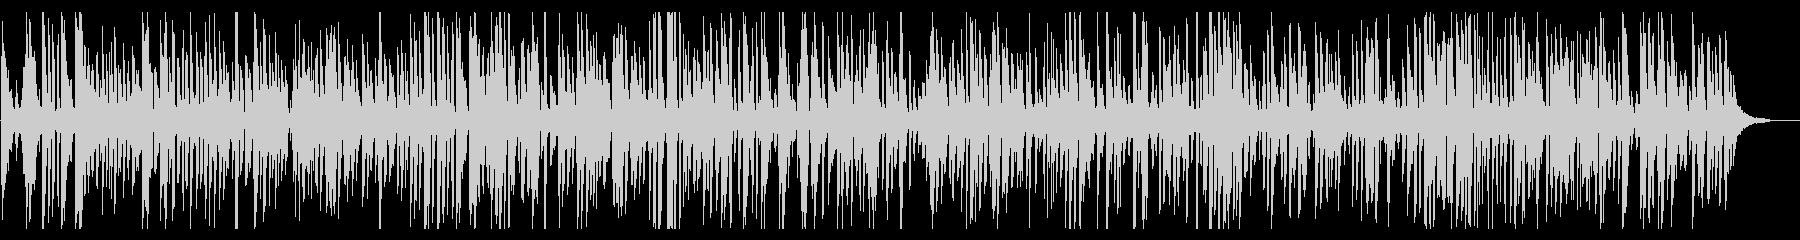 おしゃれでかっこいいジャズピアノトリオの未再生の波形